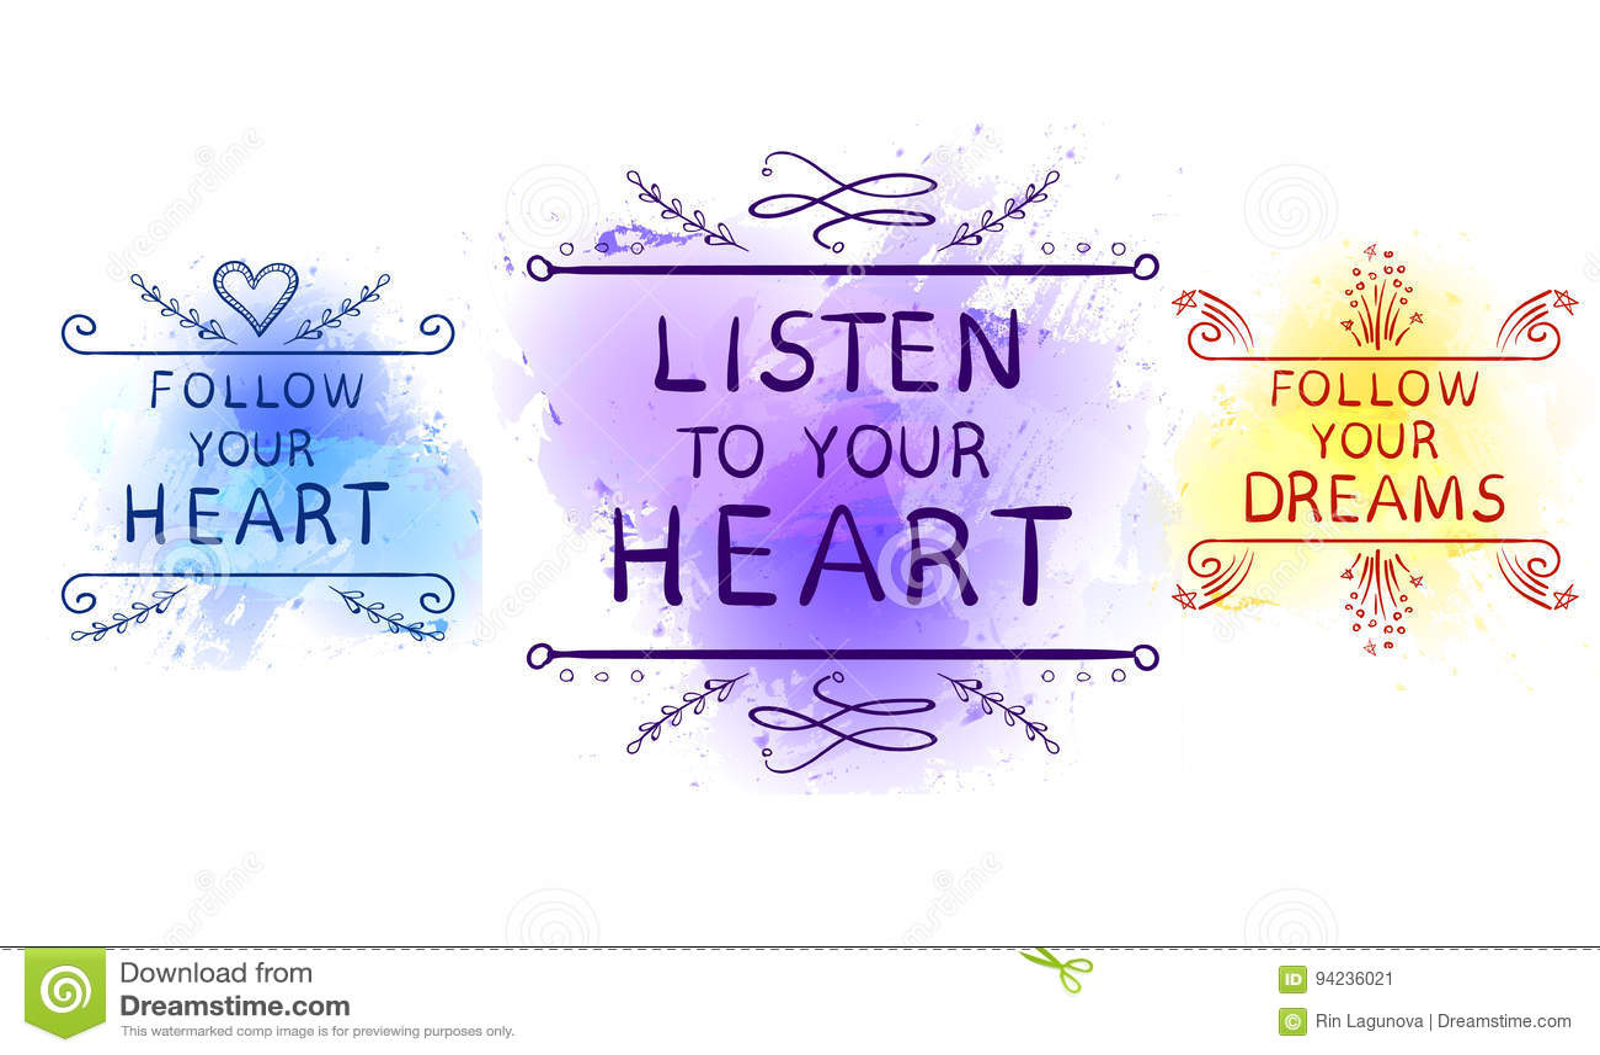 TILL DIN HJÄRTA, DINA DRÖMMAR, DIN HJÄRTAtext på målarfärgfärgstänkbakgrunden, LYSSNAR FÖLJER FÖLJER hand skissade typografiska